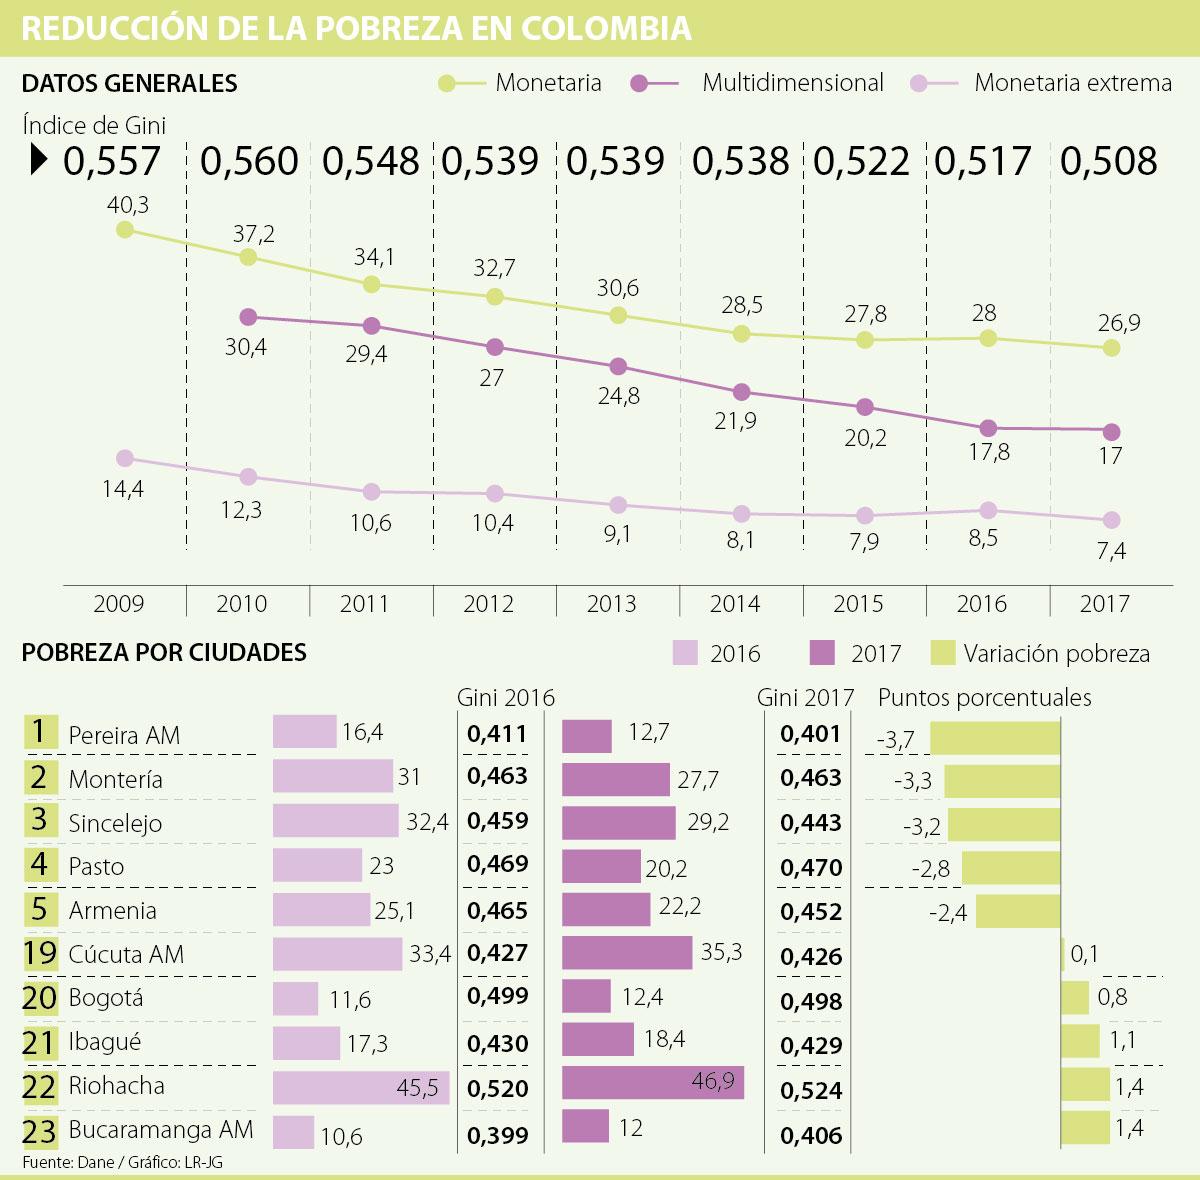 ¿Cuáles son las ciudades con menor pobreza monetaria en Colombia?